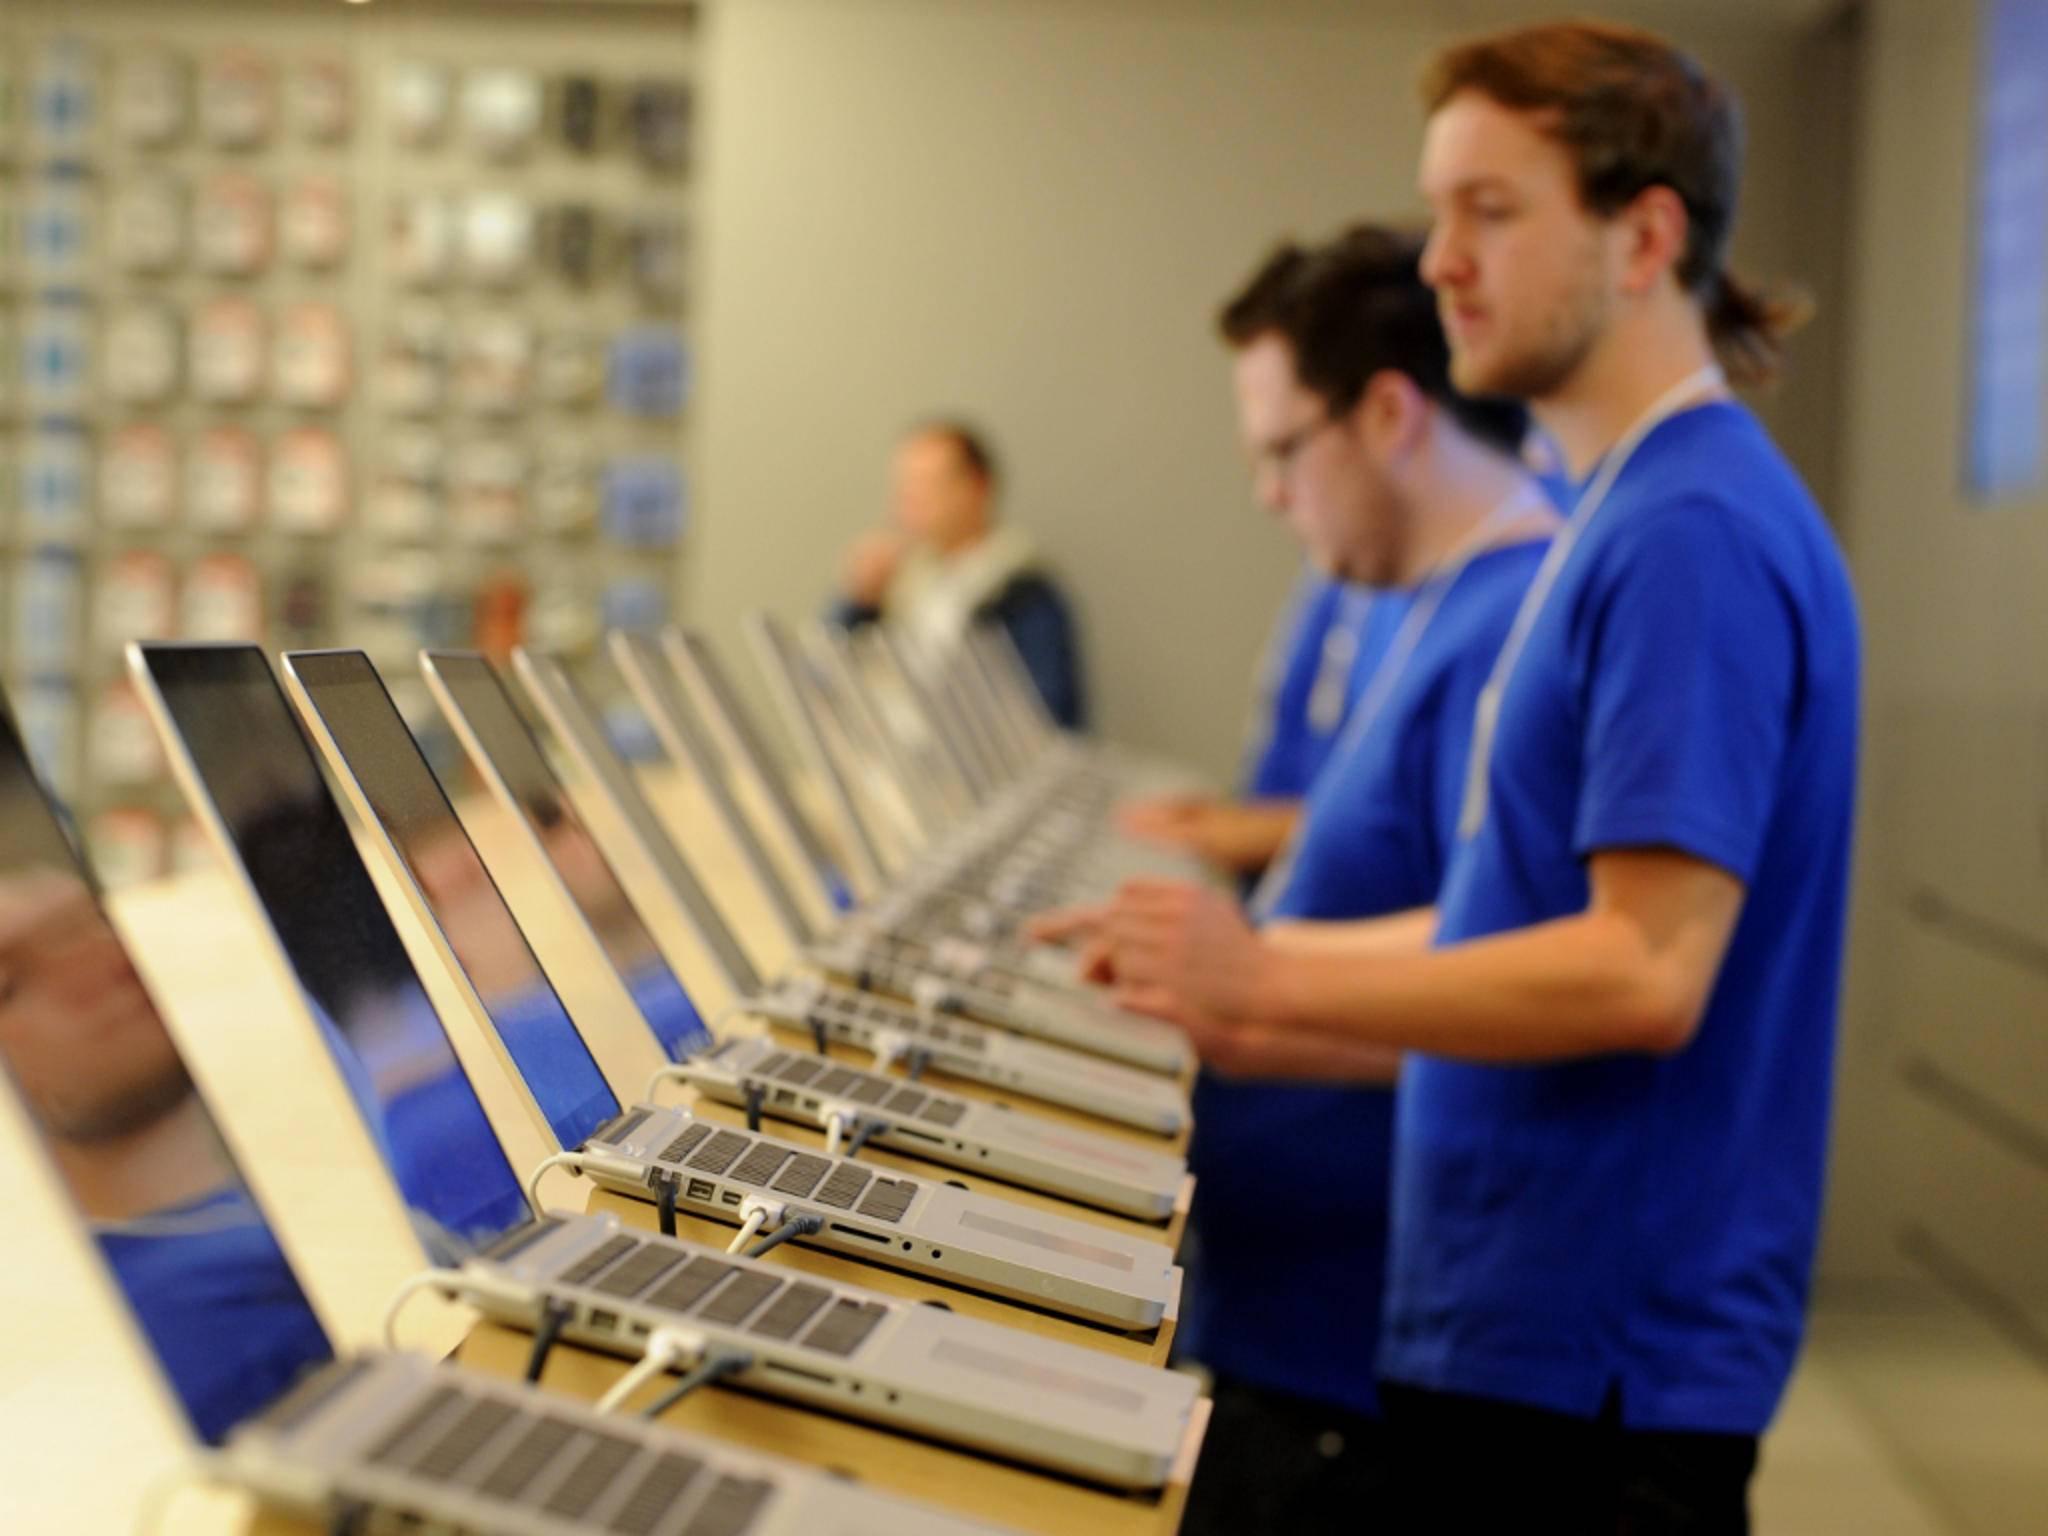 Jeder Apple-Mitarbeiter bekommt diesmal zu Weihnachten In-Ear-Kopfhörer.